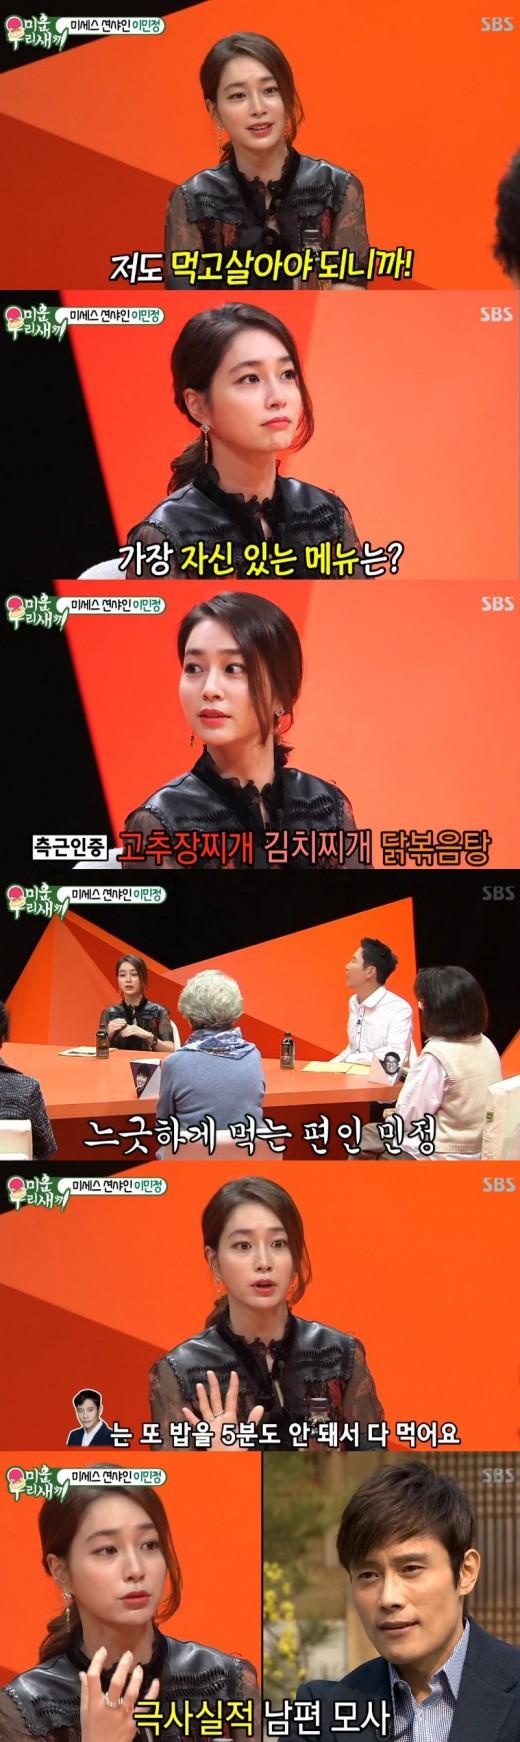 '미우새' 이민정, 이병헌의 아내로 산다는 것... 현모양처의 자세[TV줌인]